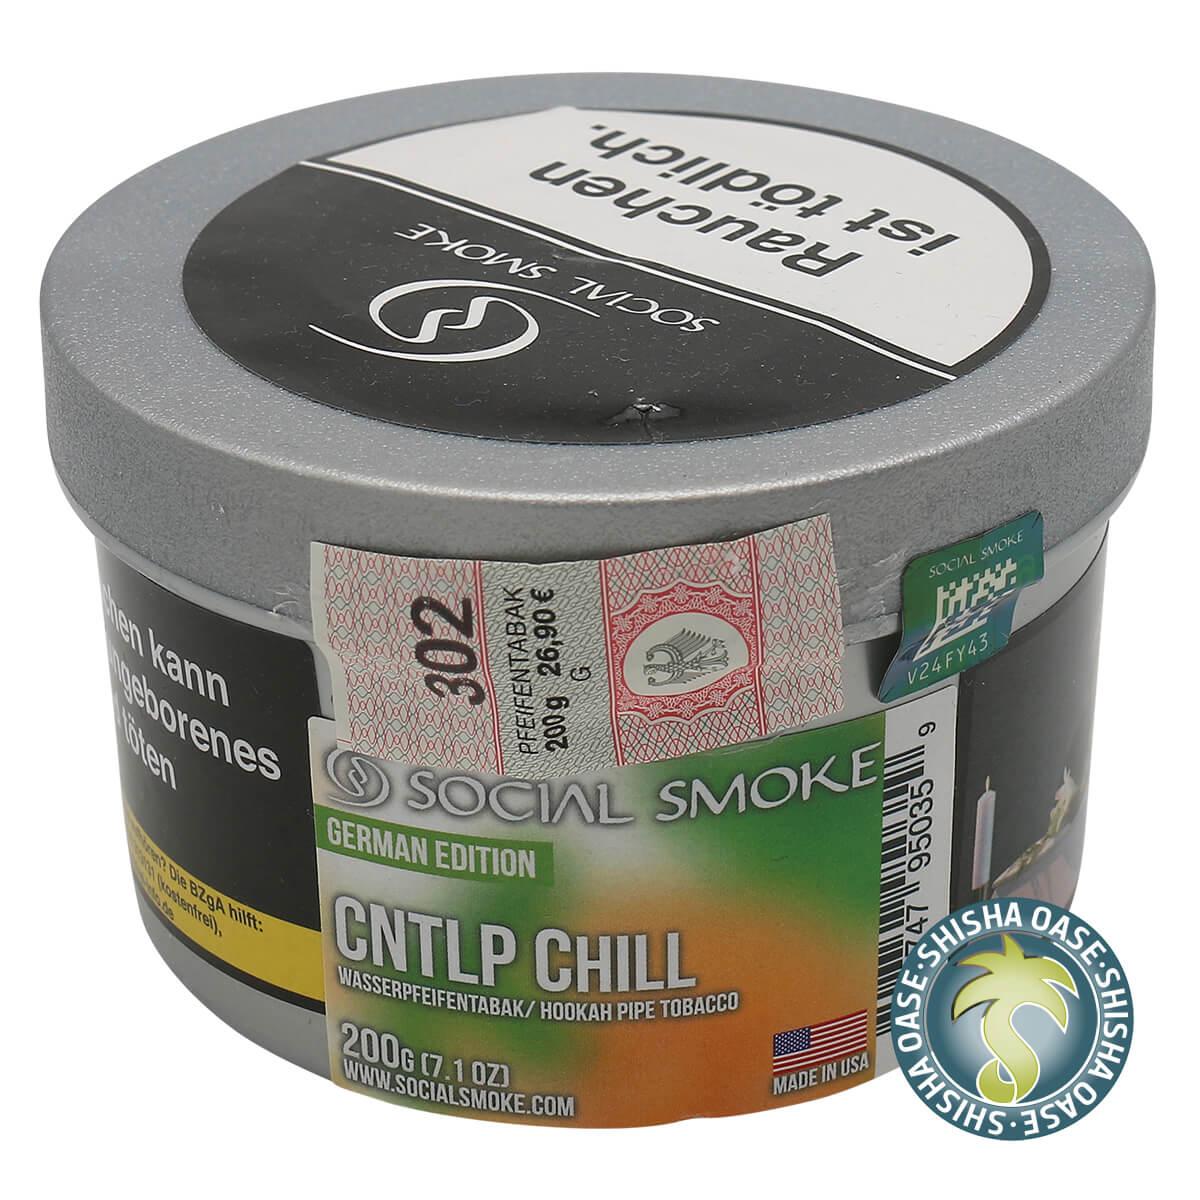 Social Smoke Tabak Cntlp Chill 200g Dose